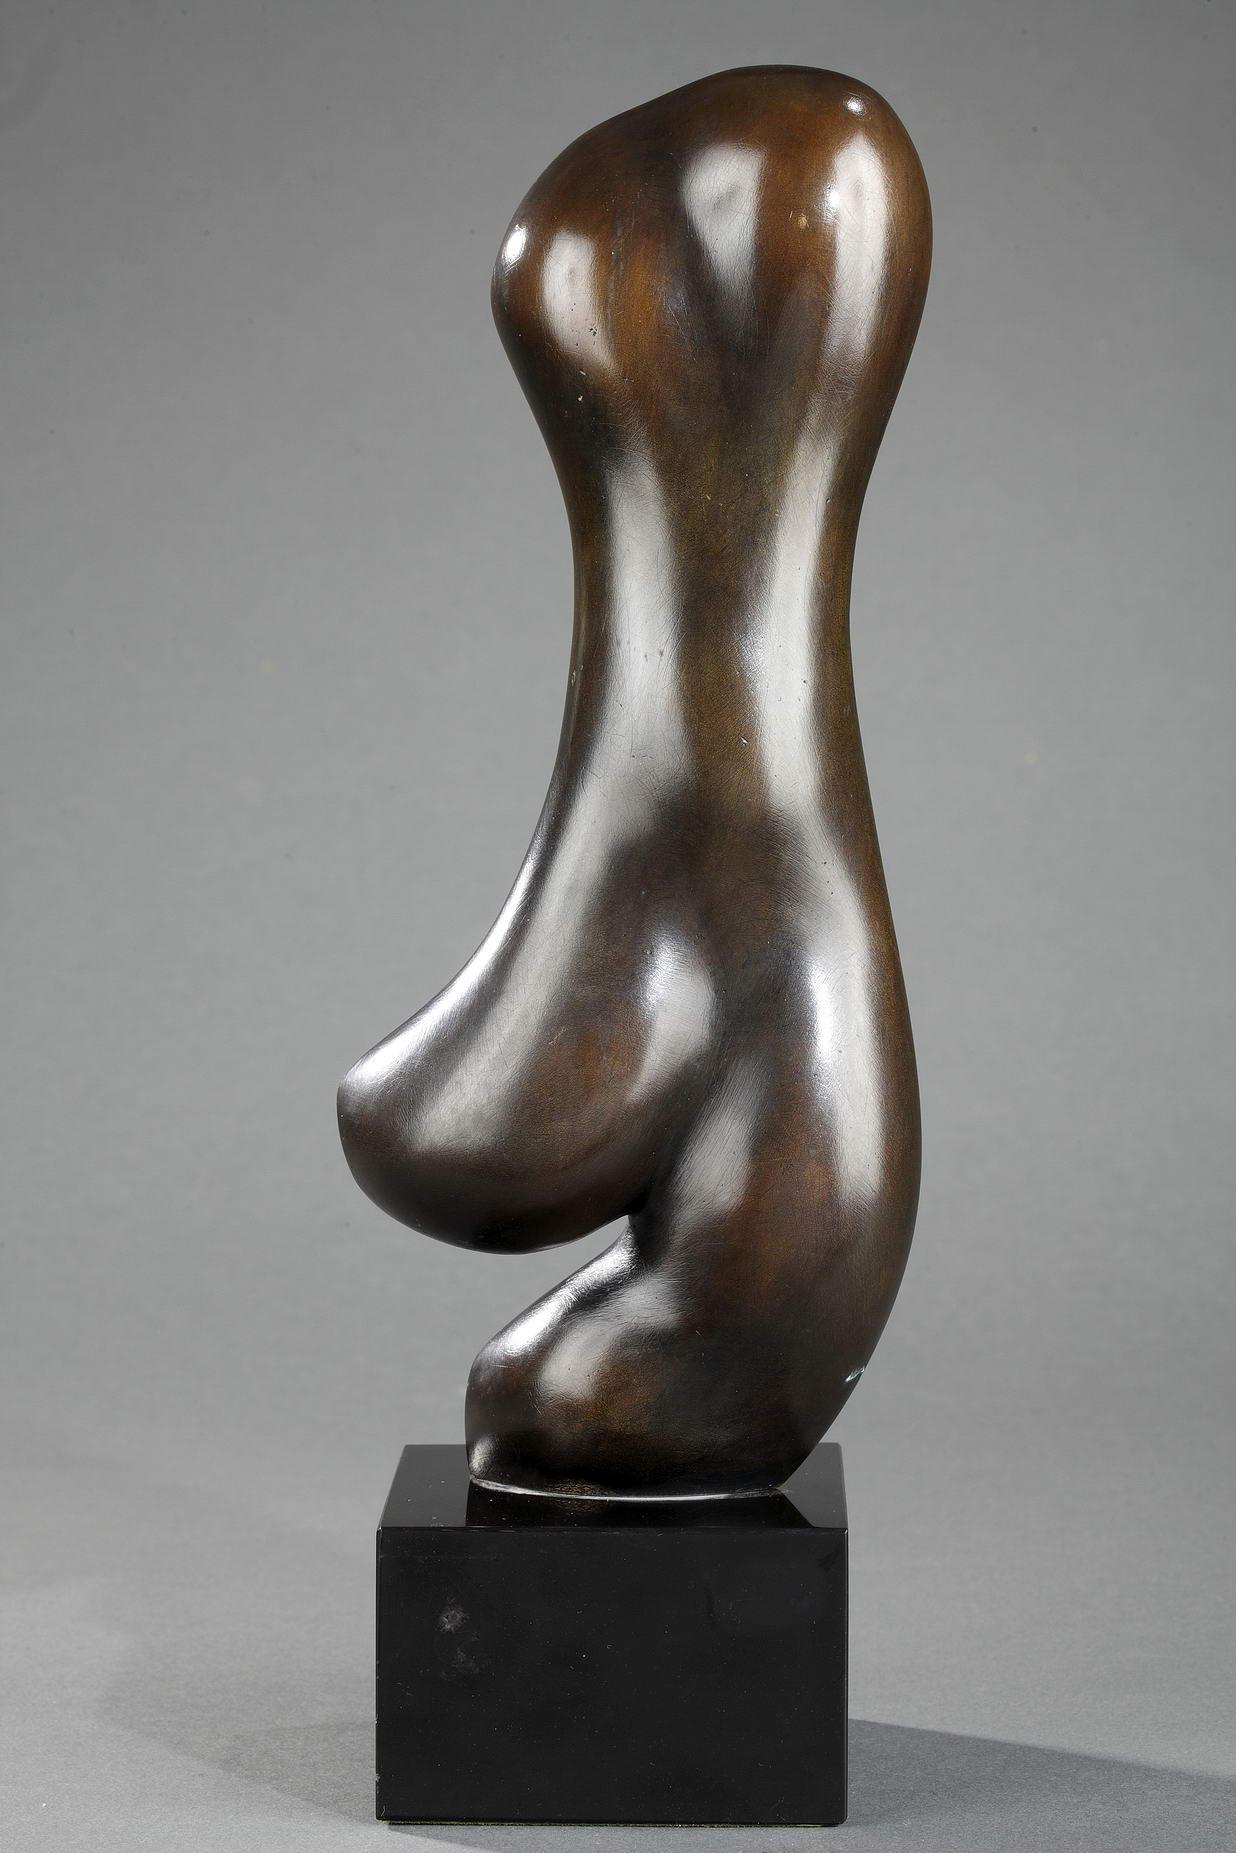 """Baltasar Lobo (1910-1993), """"Elan"""", bronze à patine brun mordoré nuancé, fonte Susse, n°3/8, haut. totale 29,8 cm, sculptures - galerie Tourbillon, Paris"""